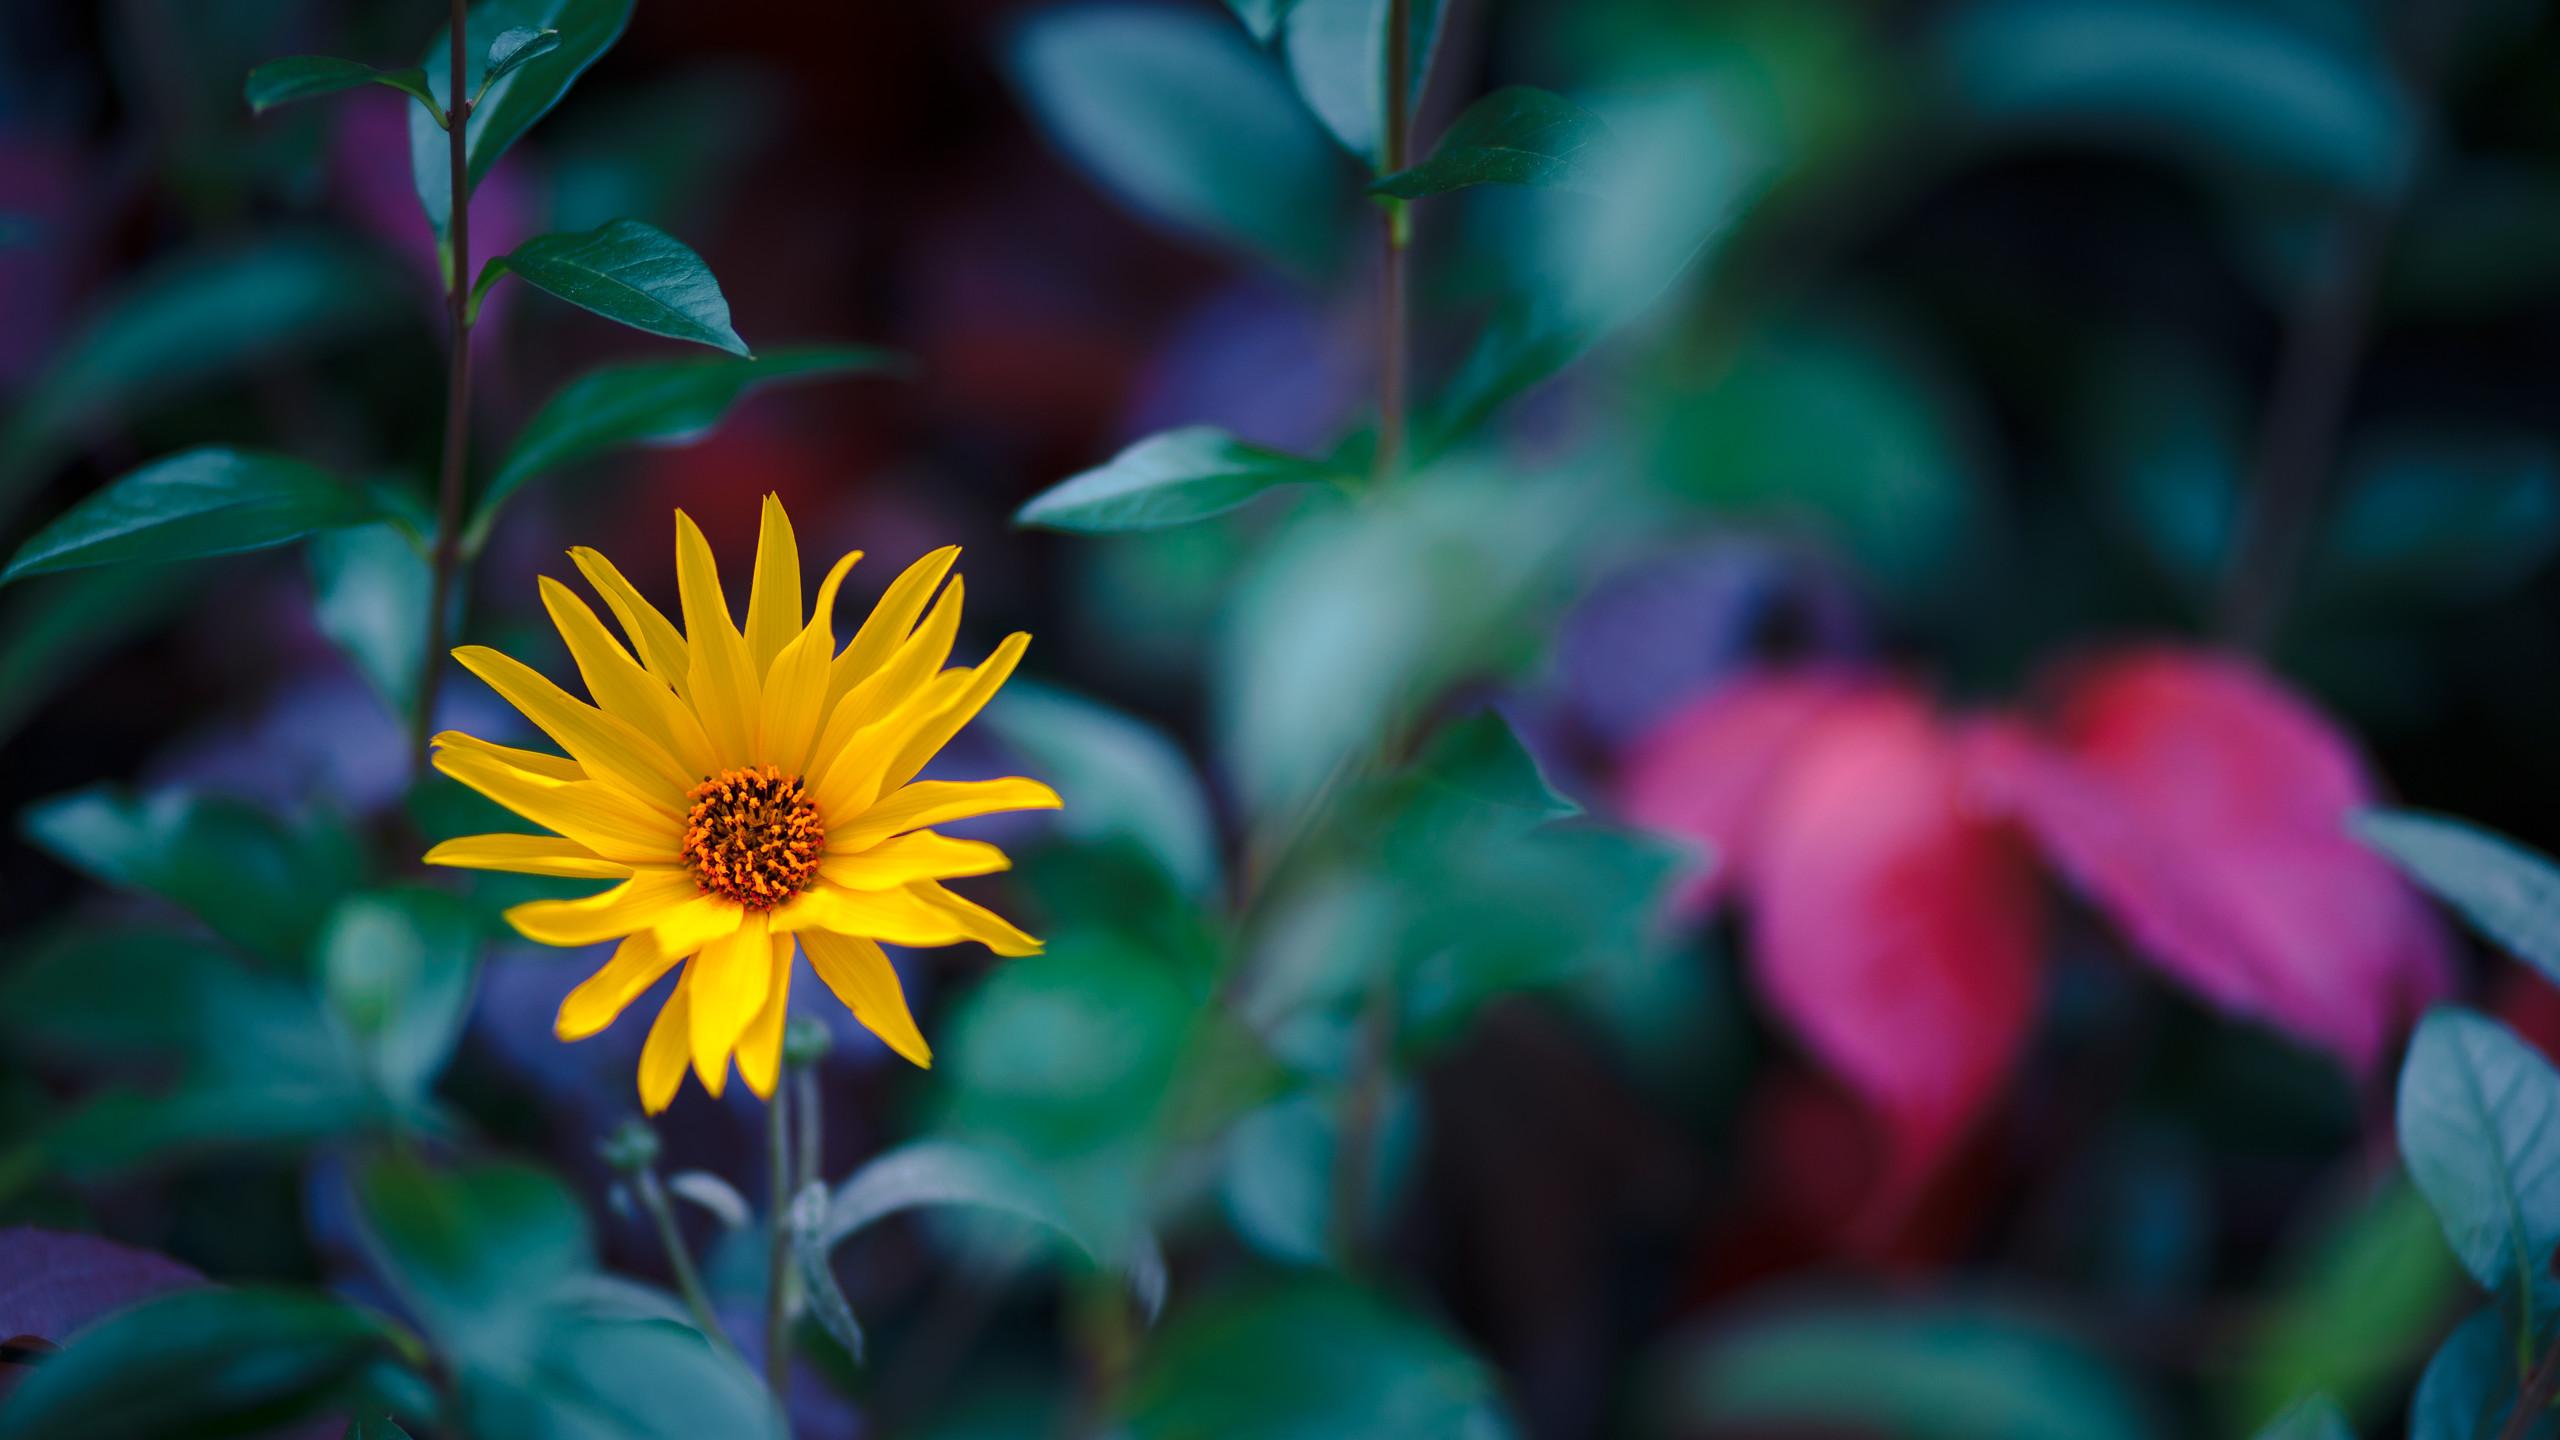 … Fall Flower Wallpaper by Pierre-Lagarde